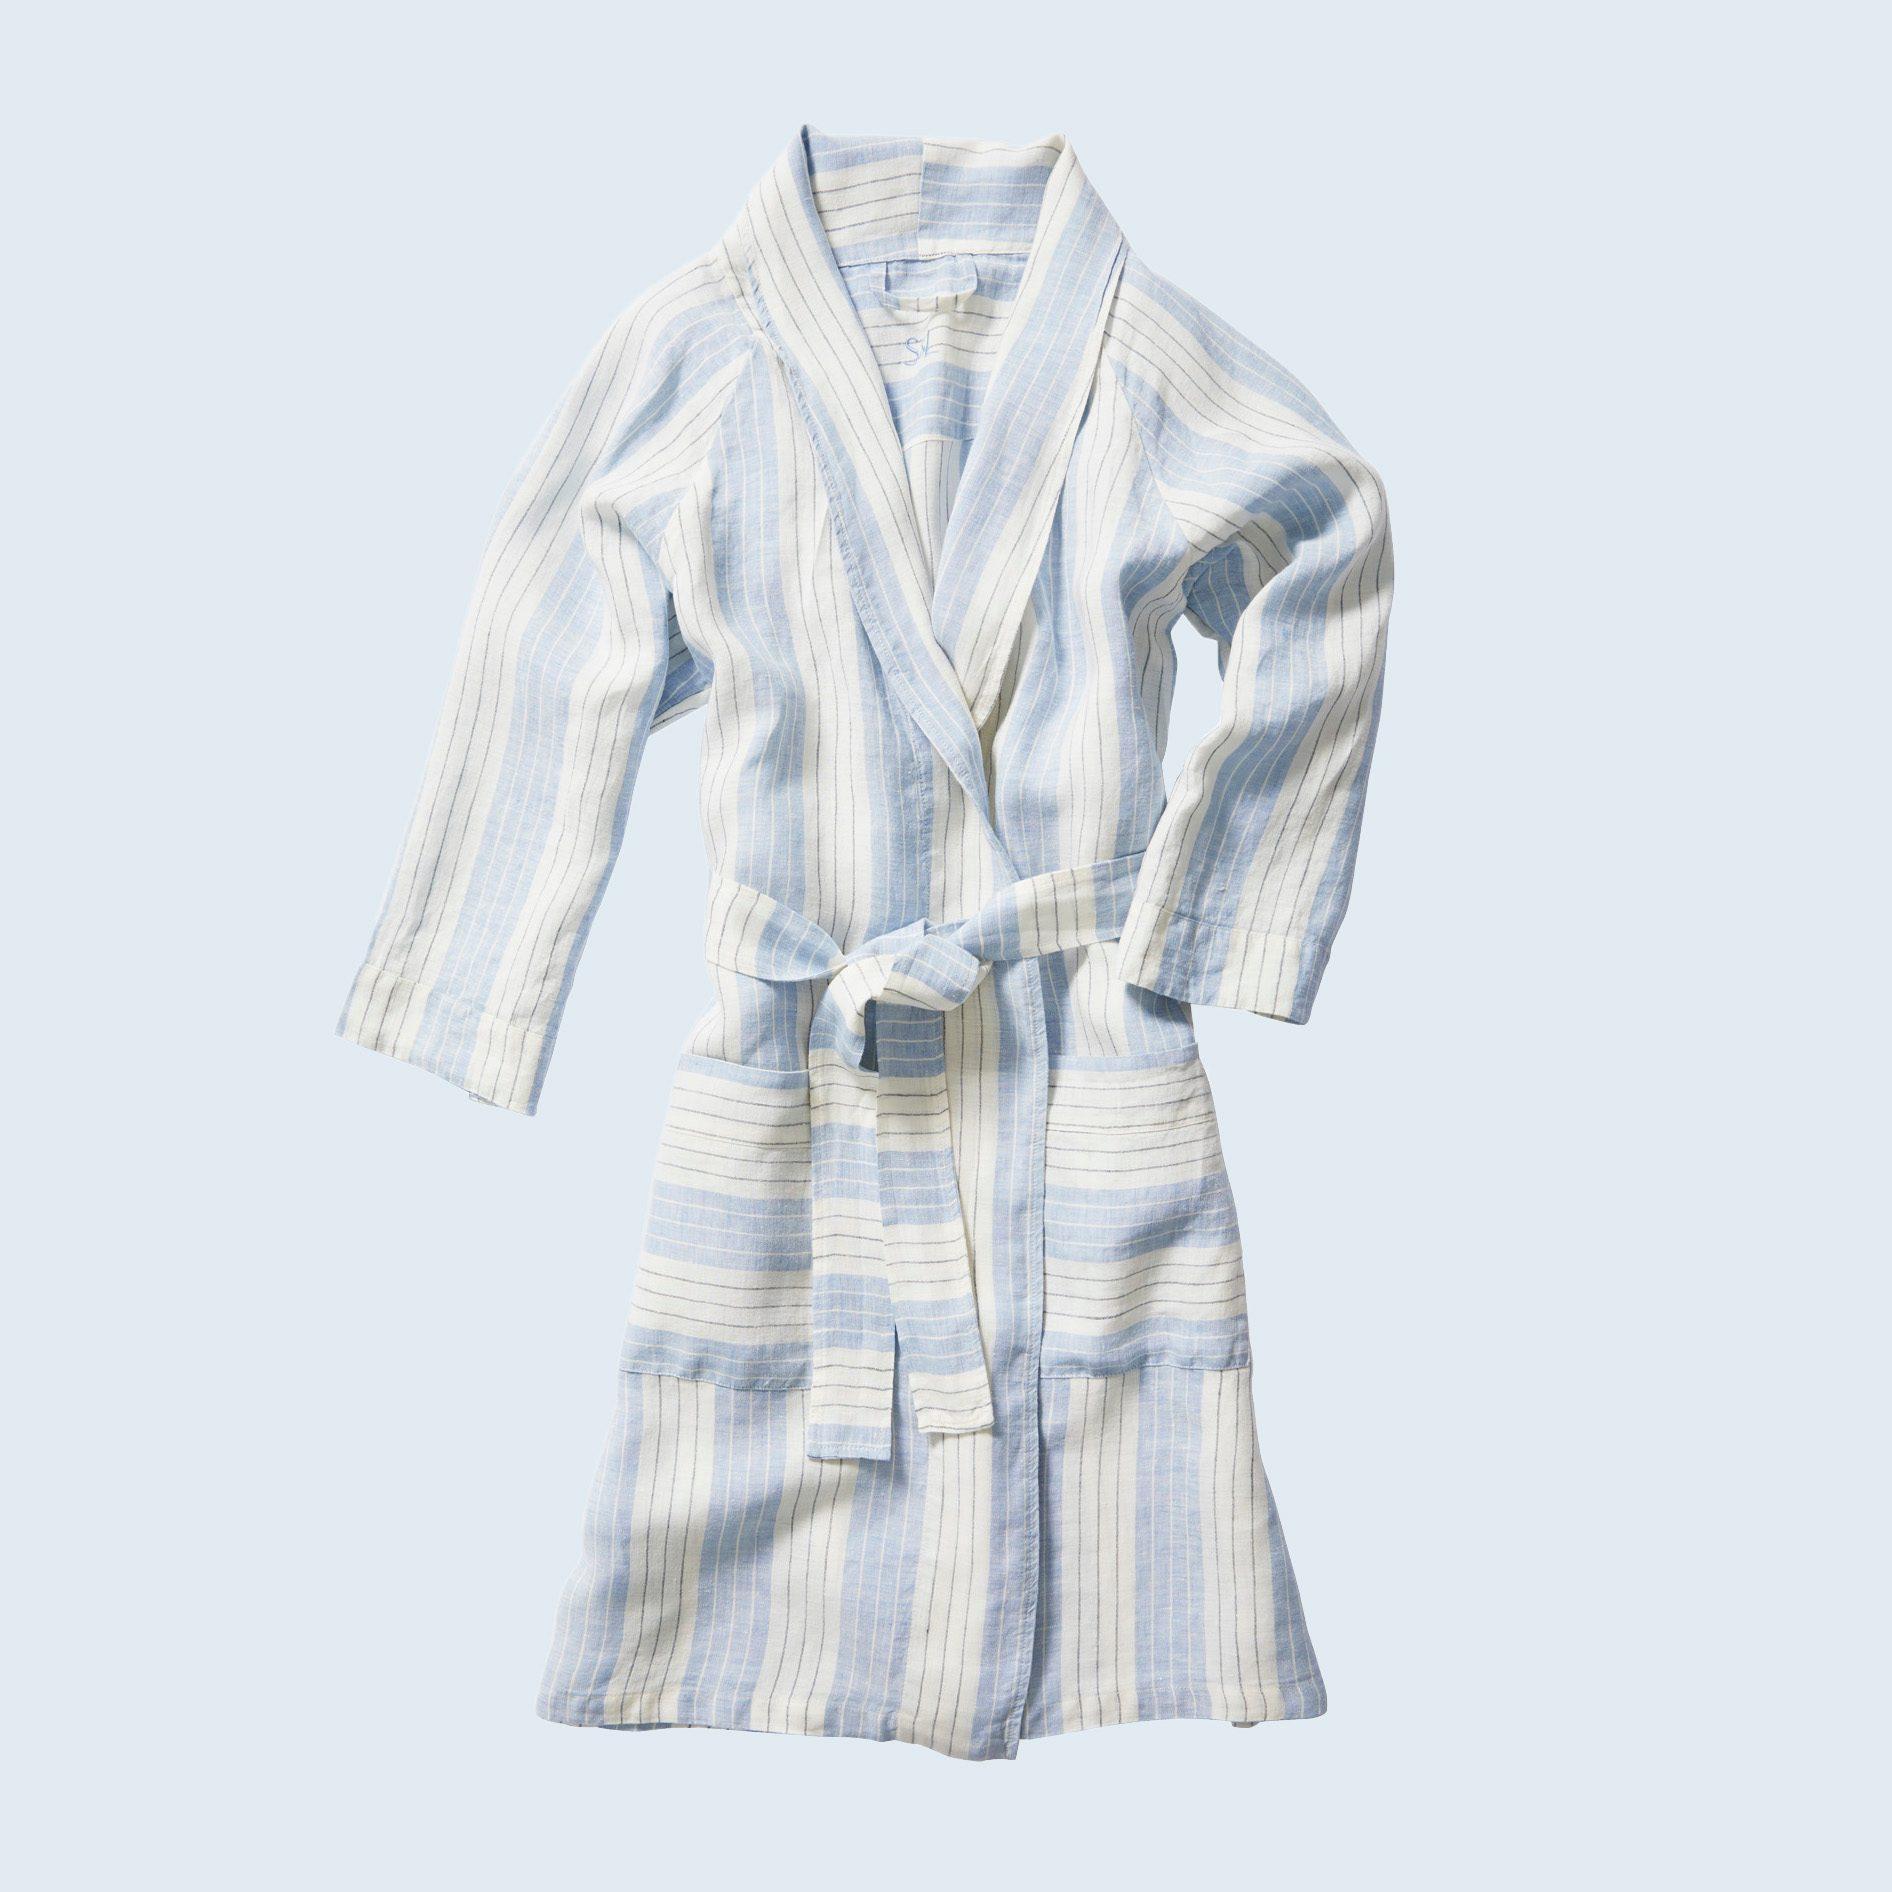 Porto Linen Robe from Serena & Lily